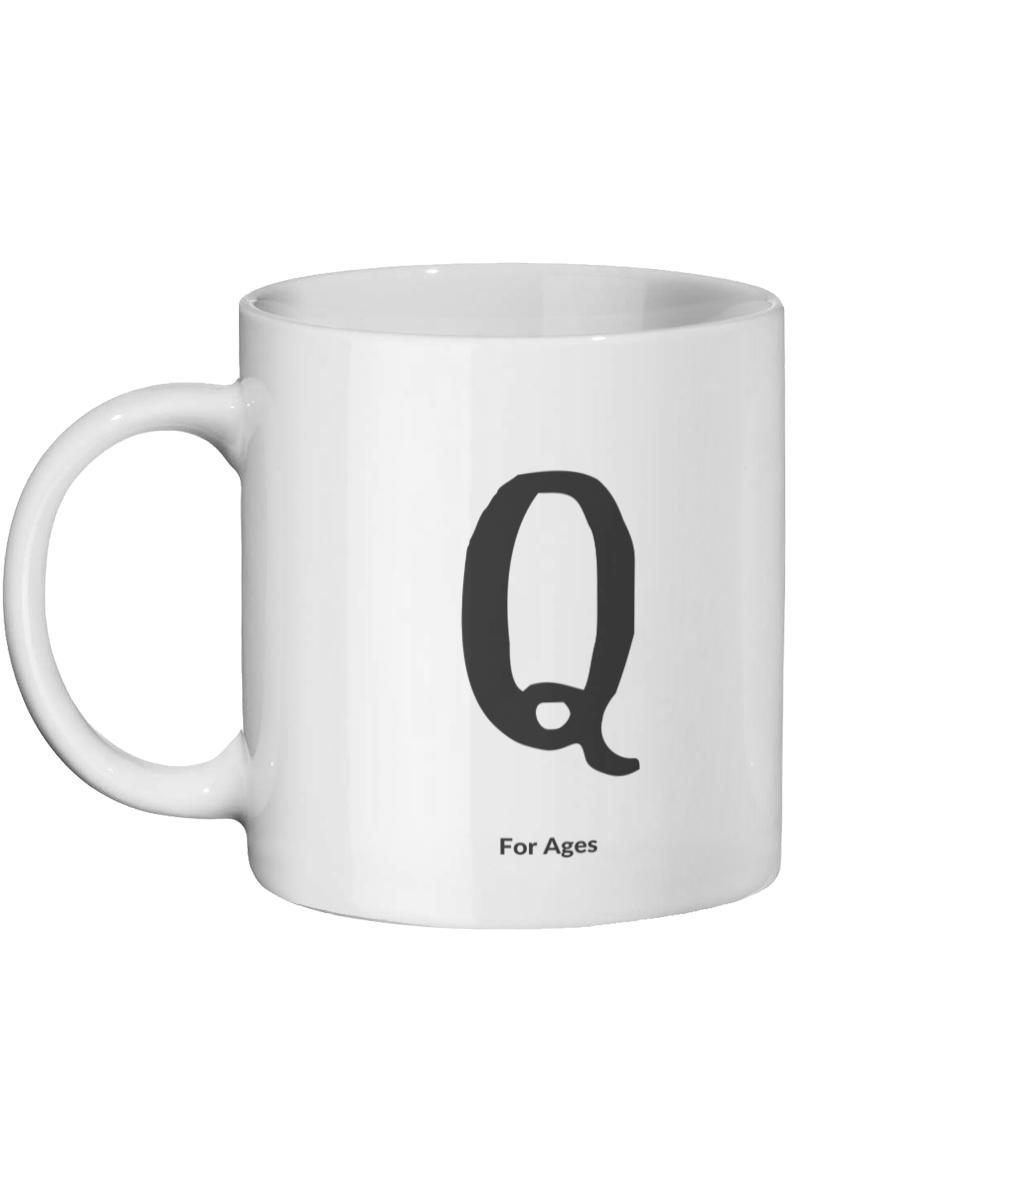 Q For Ages Mug Left-side